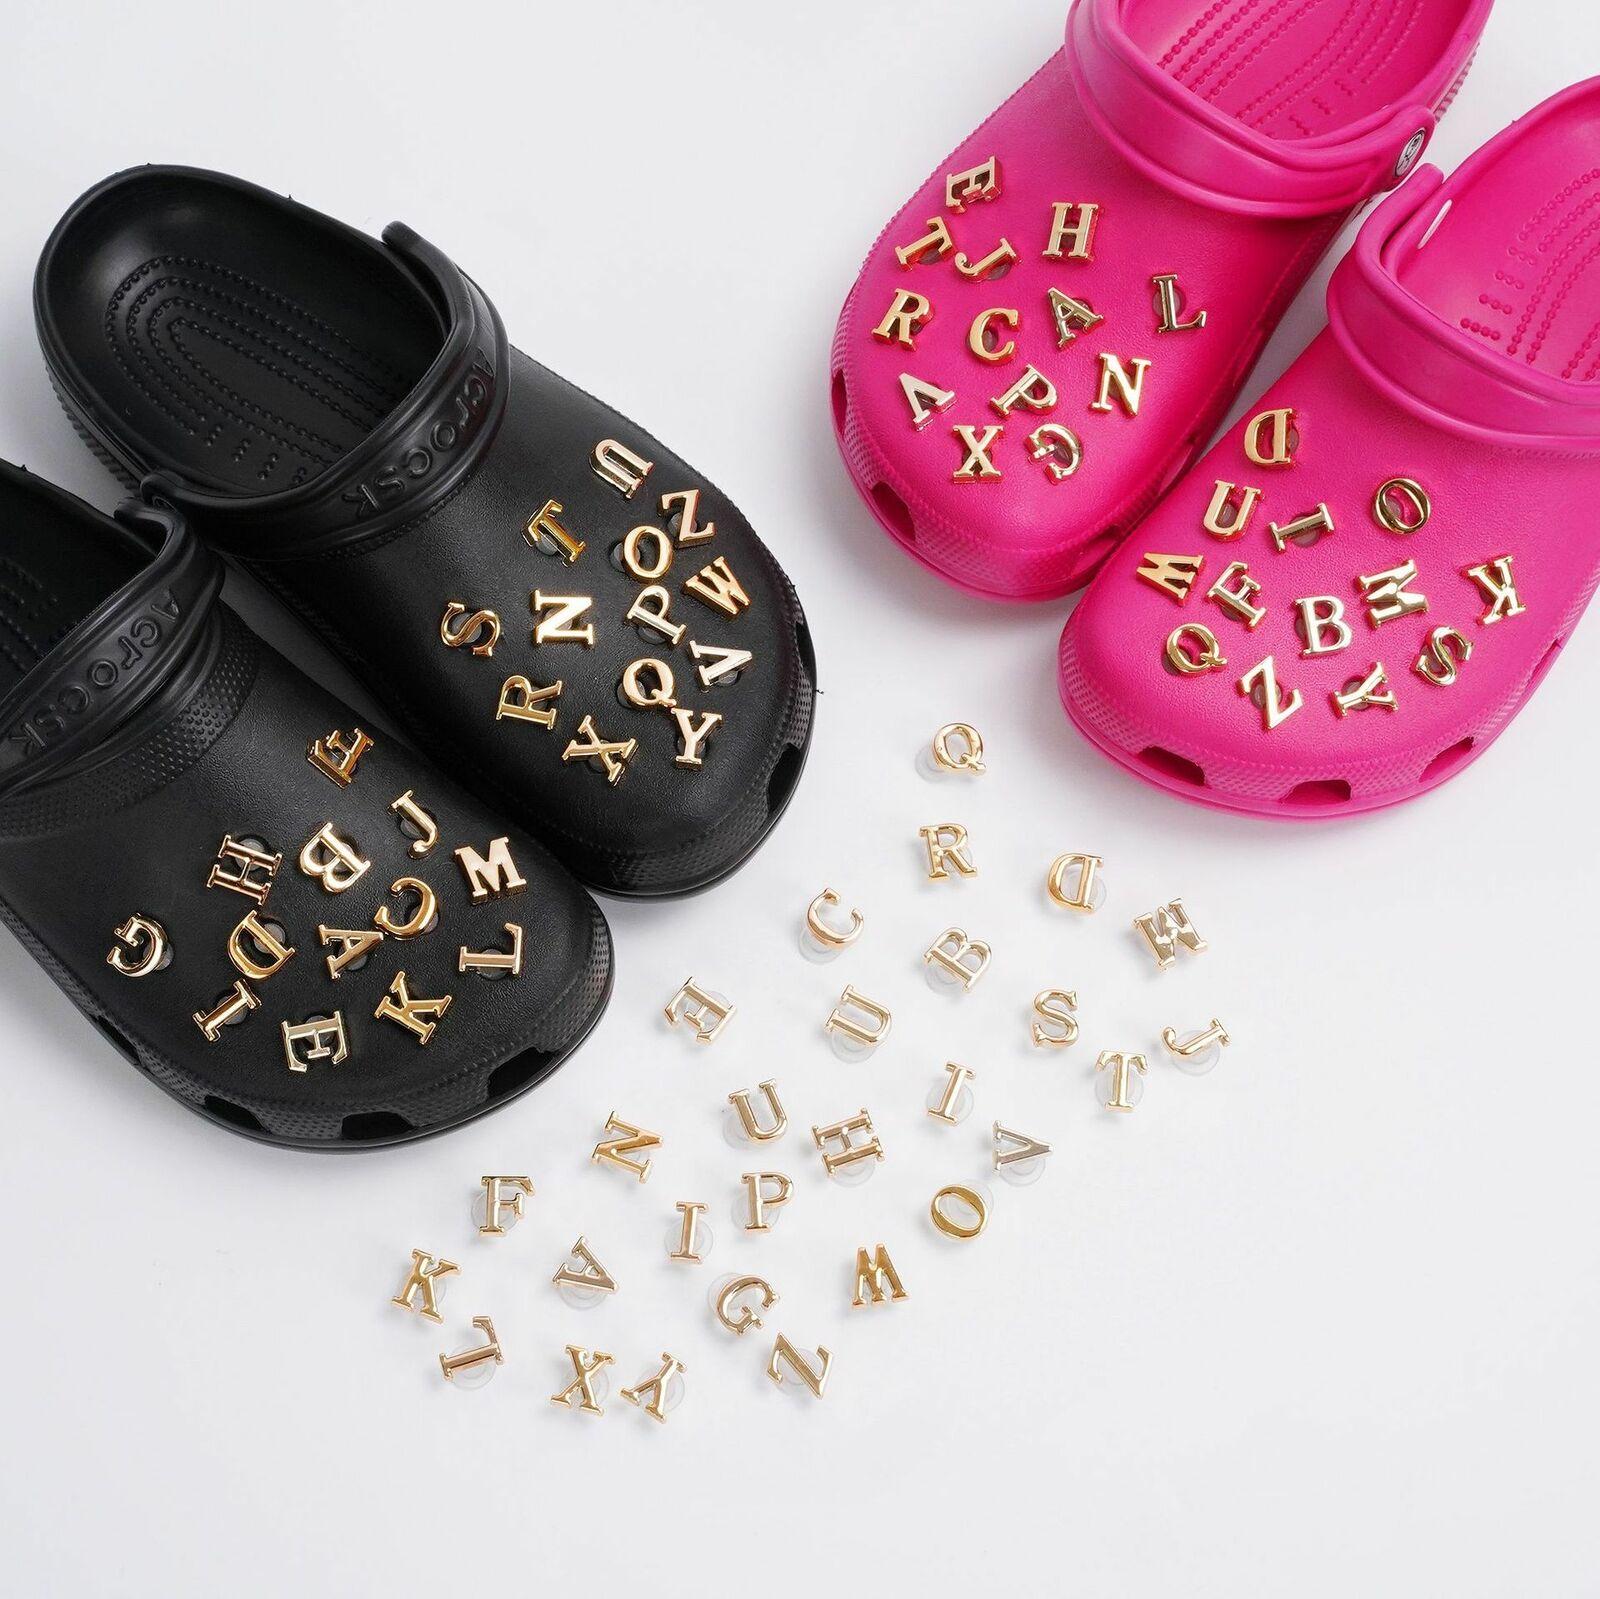 Shoe Charms for Crocs Accessories Lot 26 Letters Women Shoes Decoration Designer